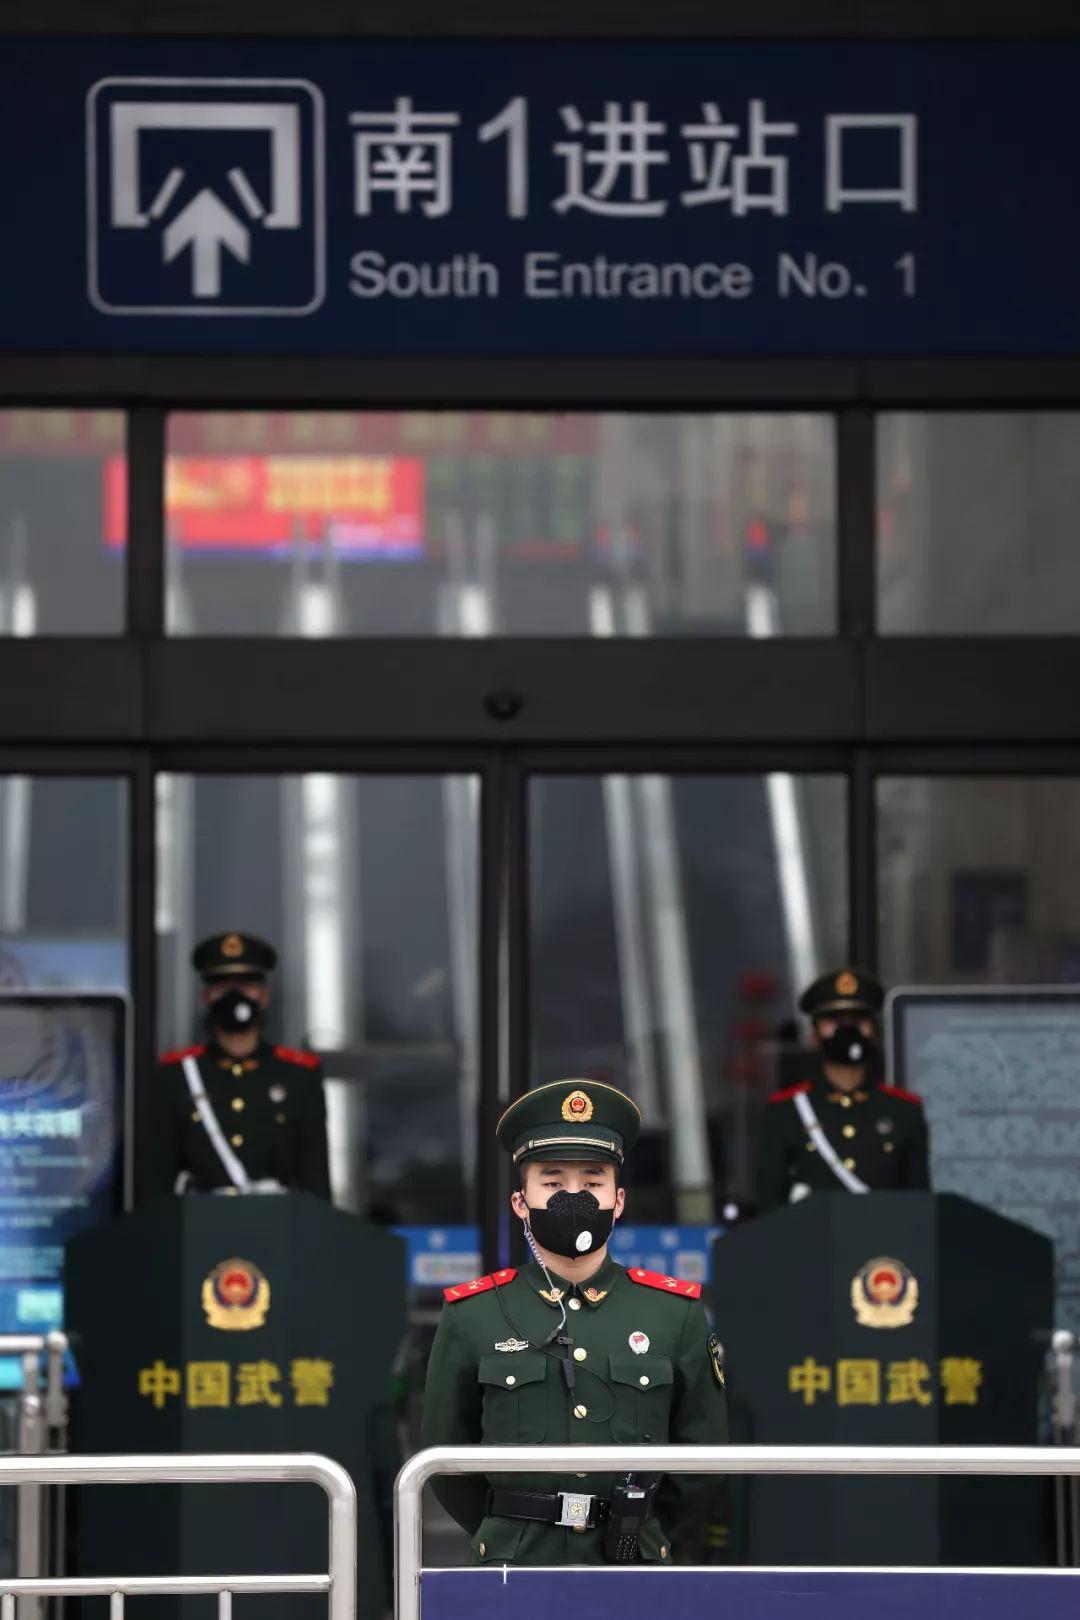 2020年初 我们在武汉现场图片